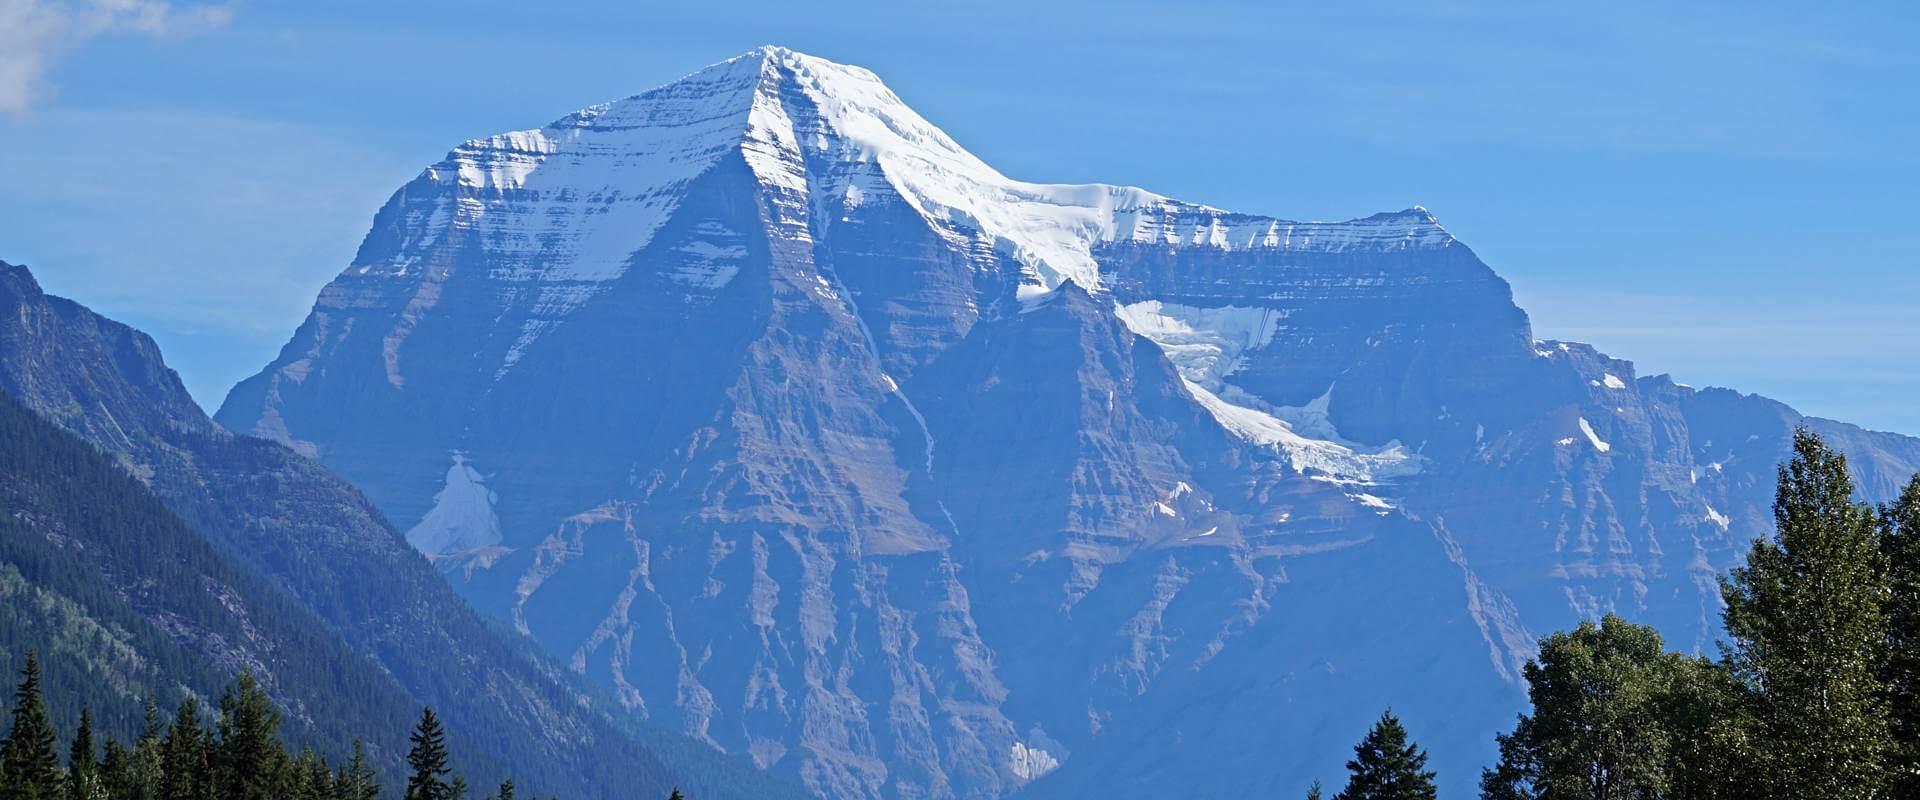 Unterwegs im Mount Robson Park – höchster Berg der kanadischen Rockies